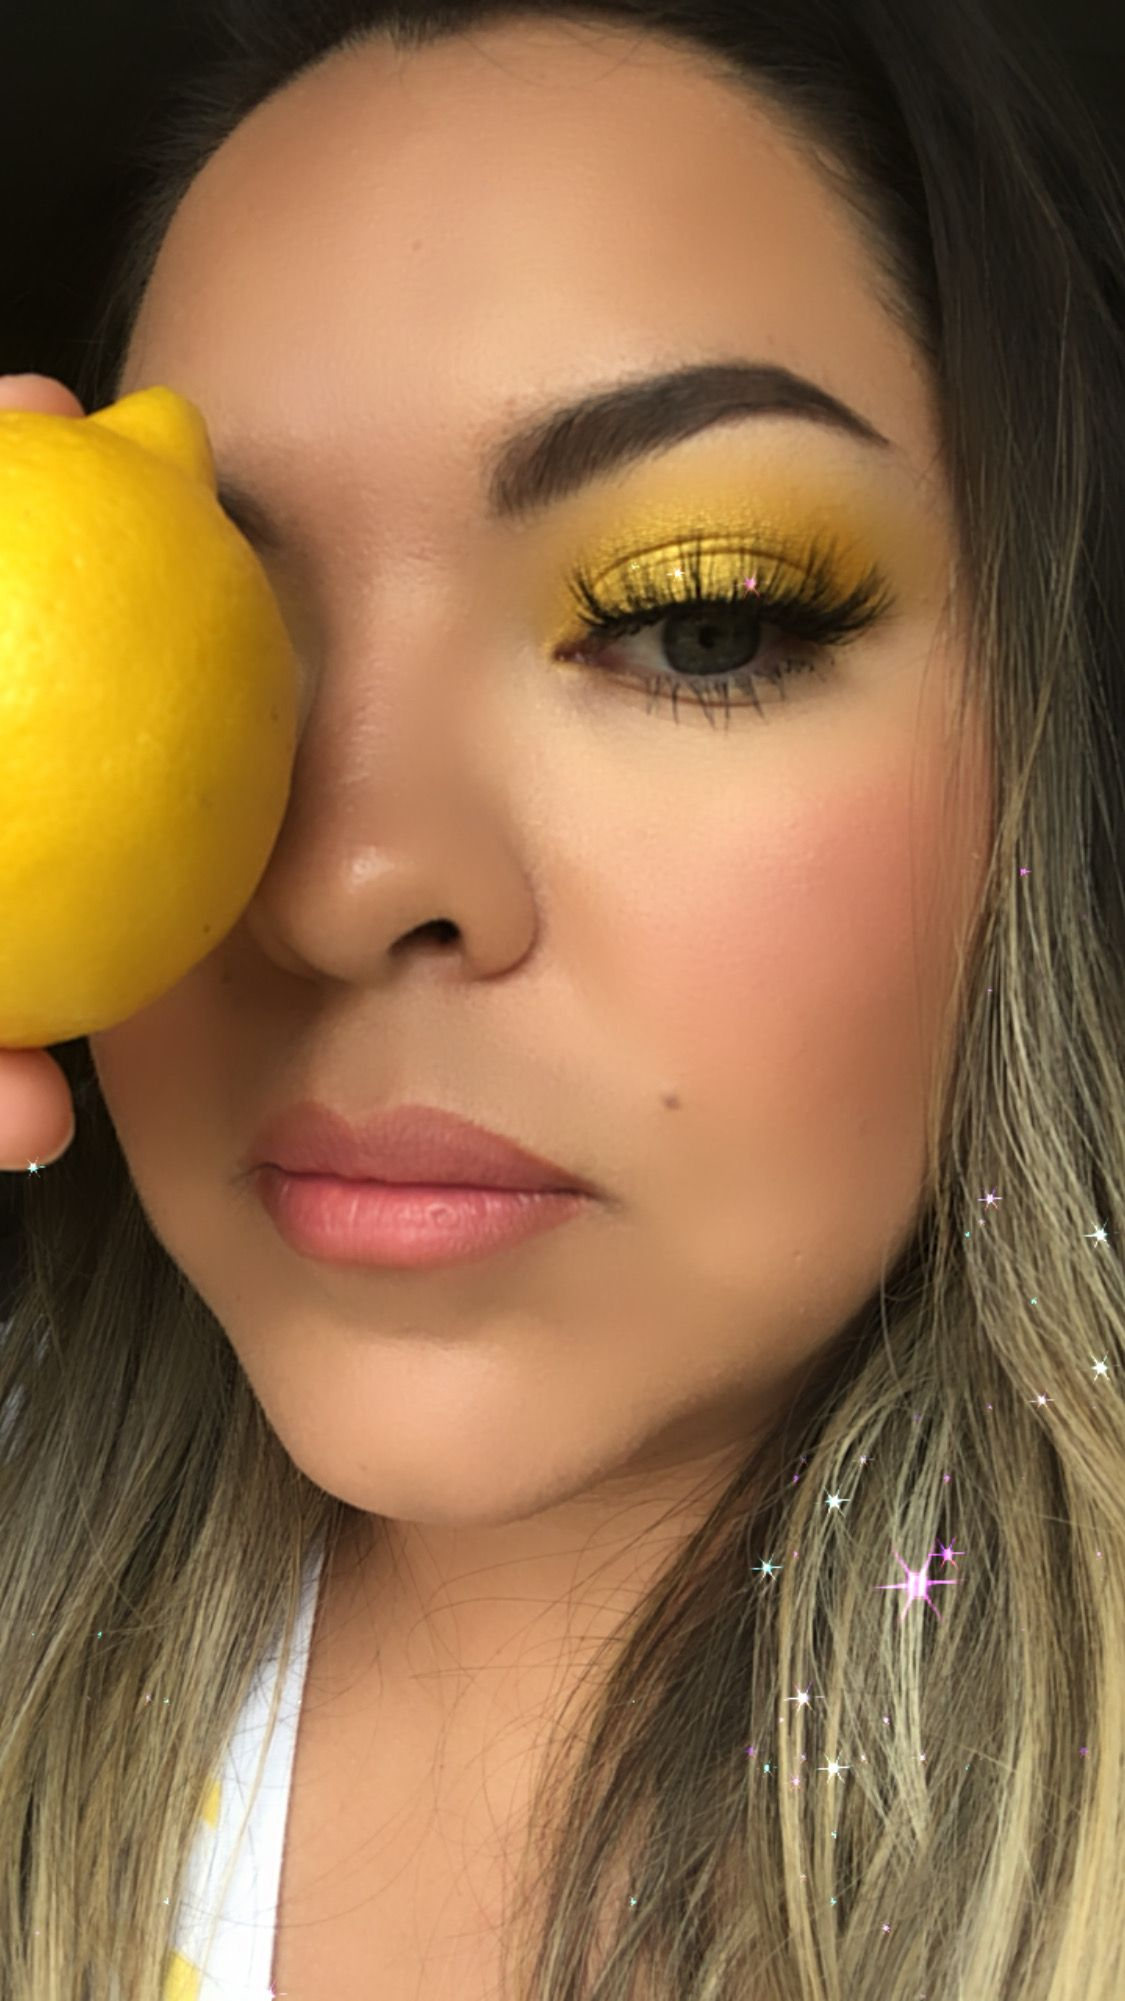 Lemon makeup look in 2020 Makeup looks, Makeup, Lemonade